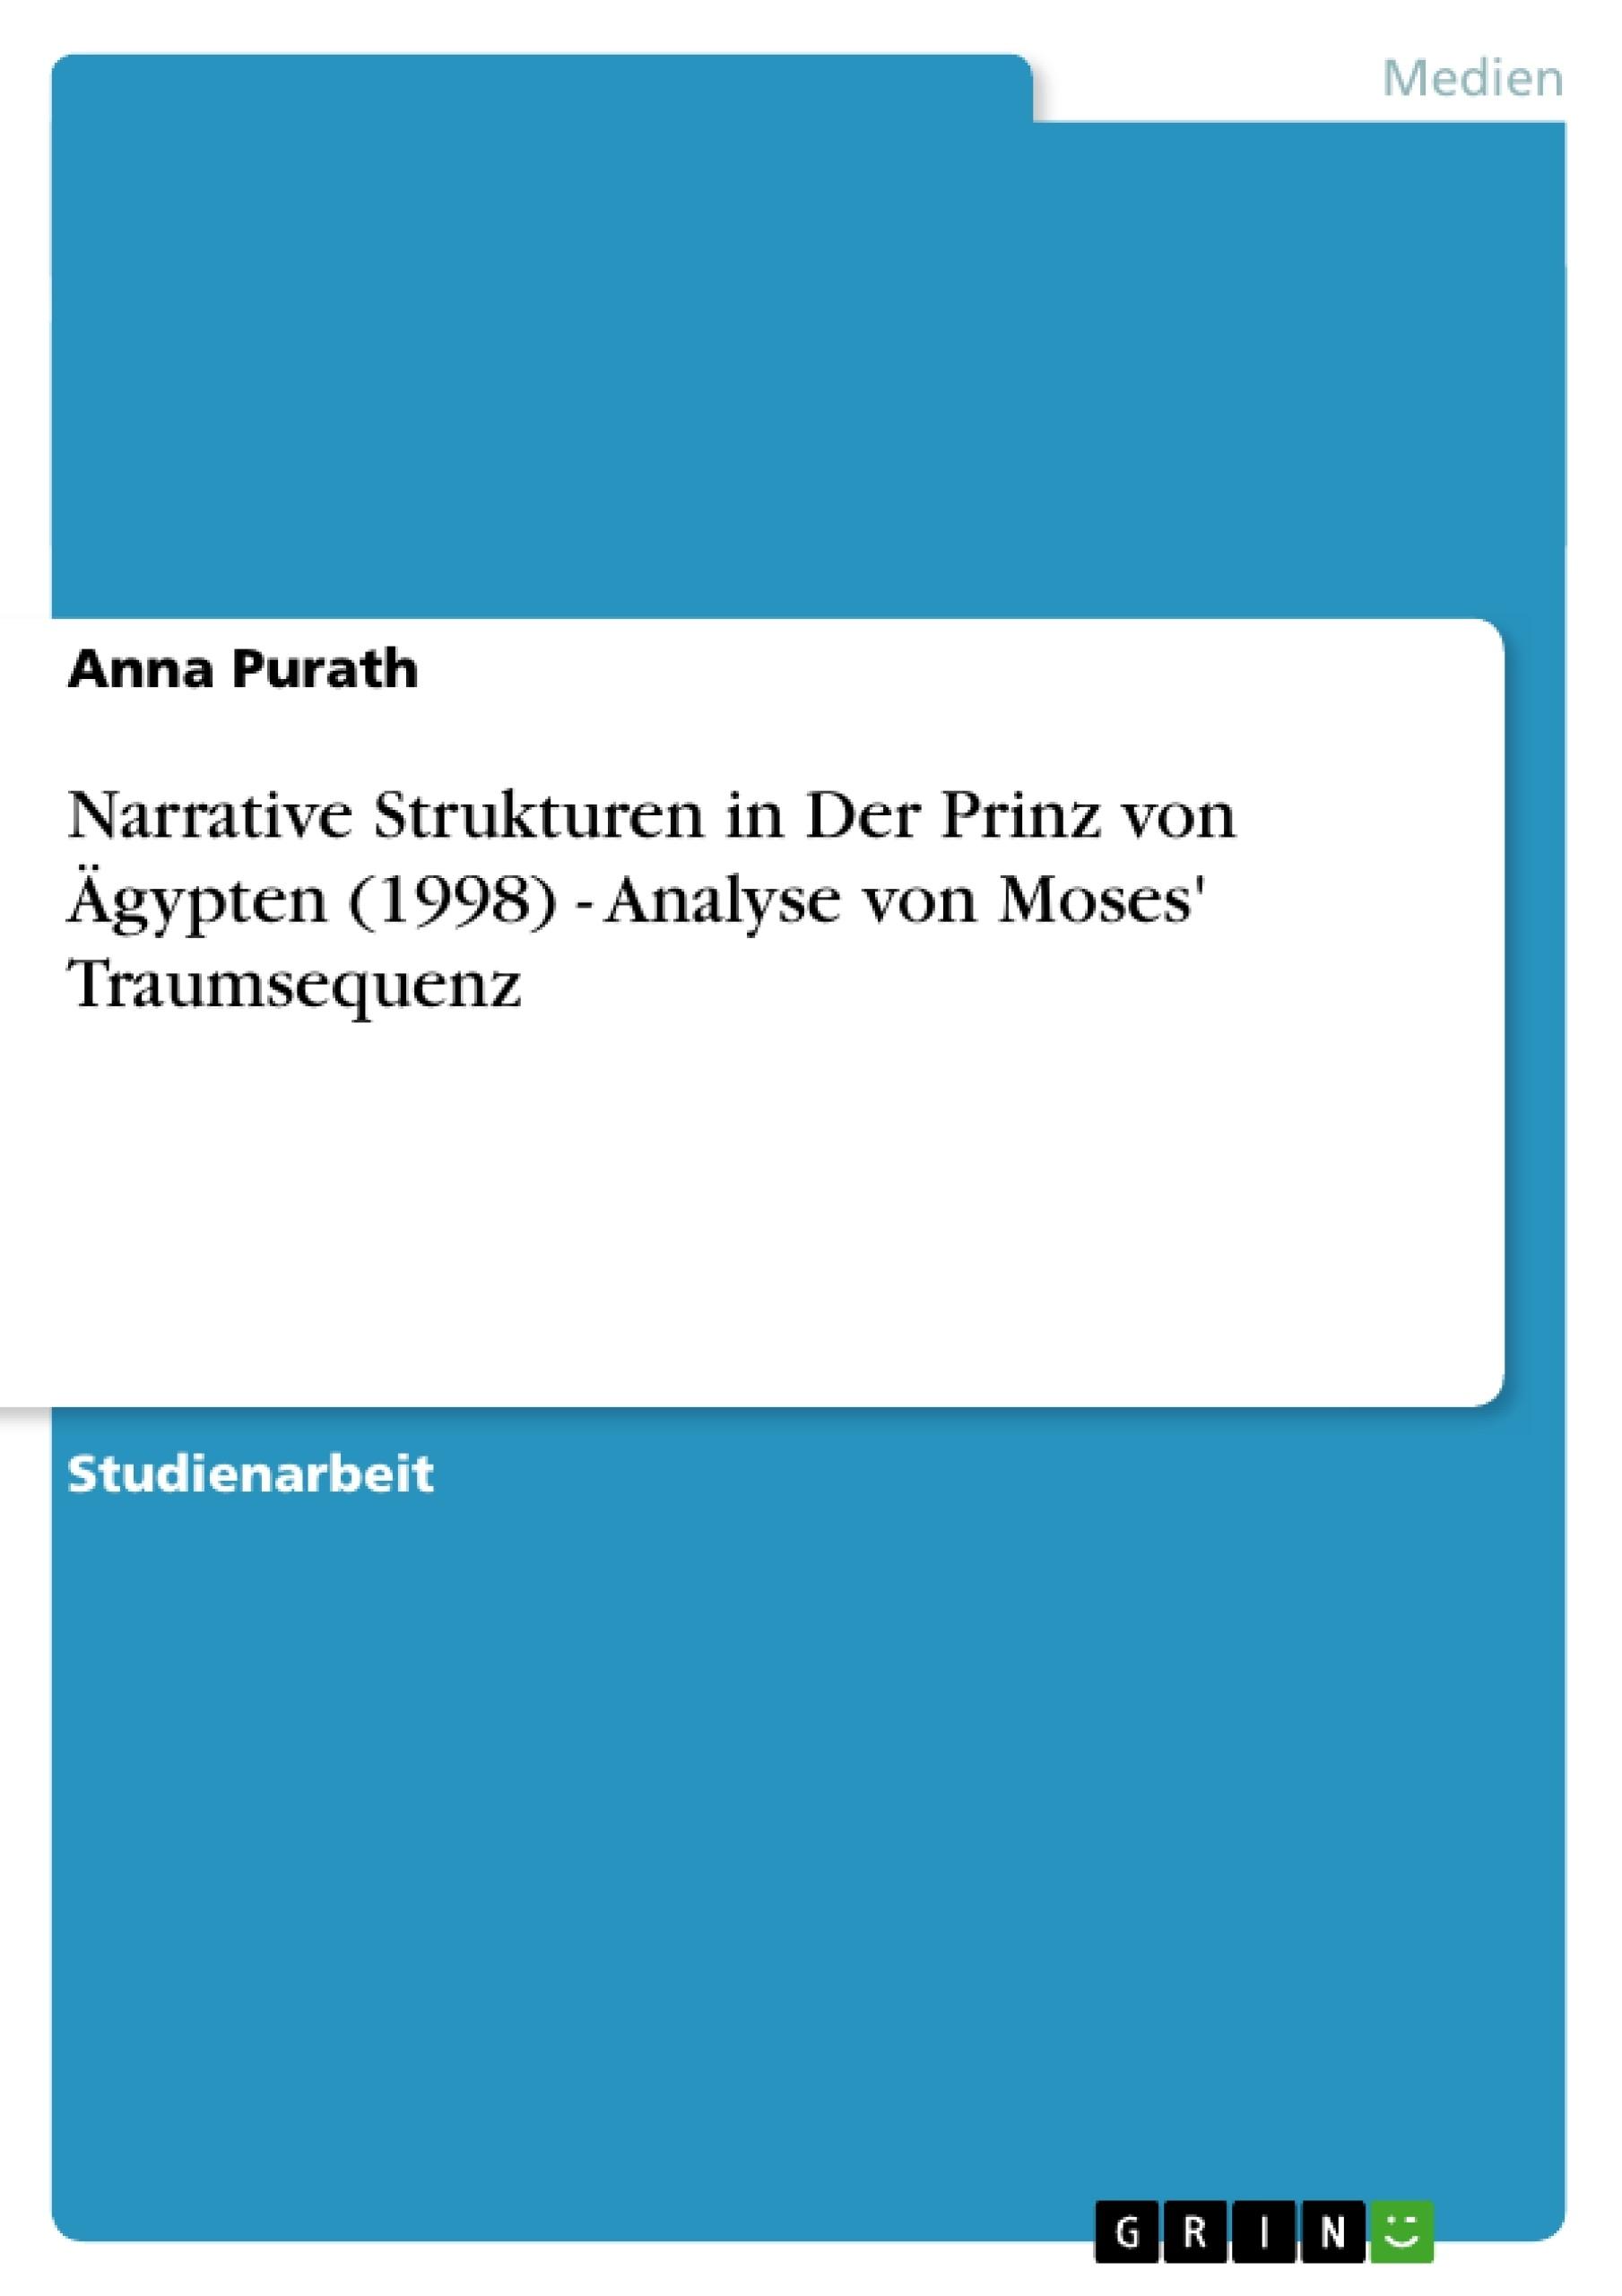 Titel: Narrative Strukturen in  Der Prinz von Ägypten  (1998) - Analyse von Moses' Traumsequenz